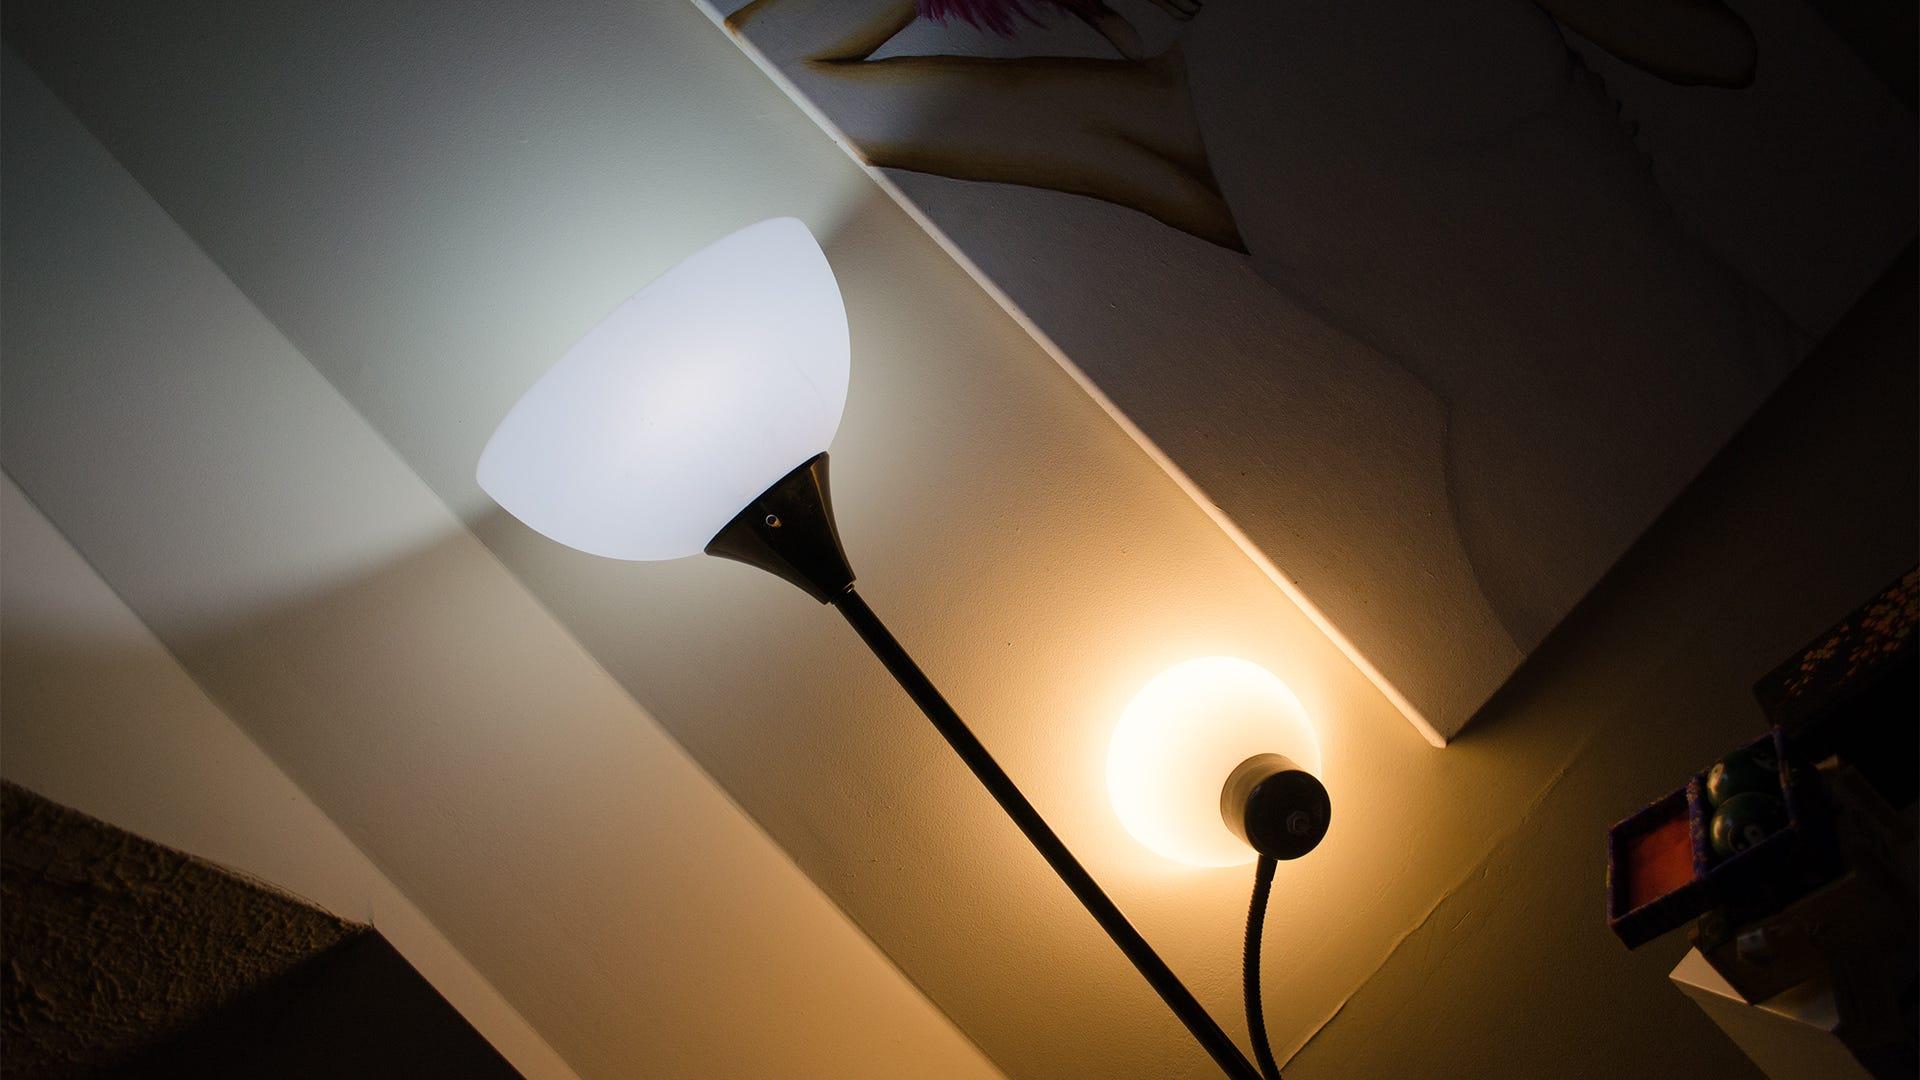 Sind farbenfrohe Smart Bulbs es wert?